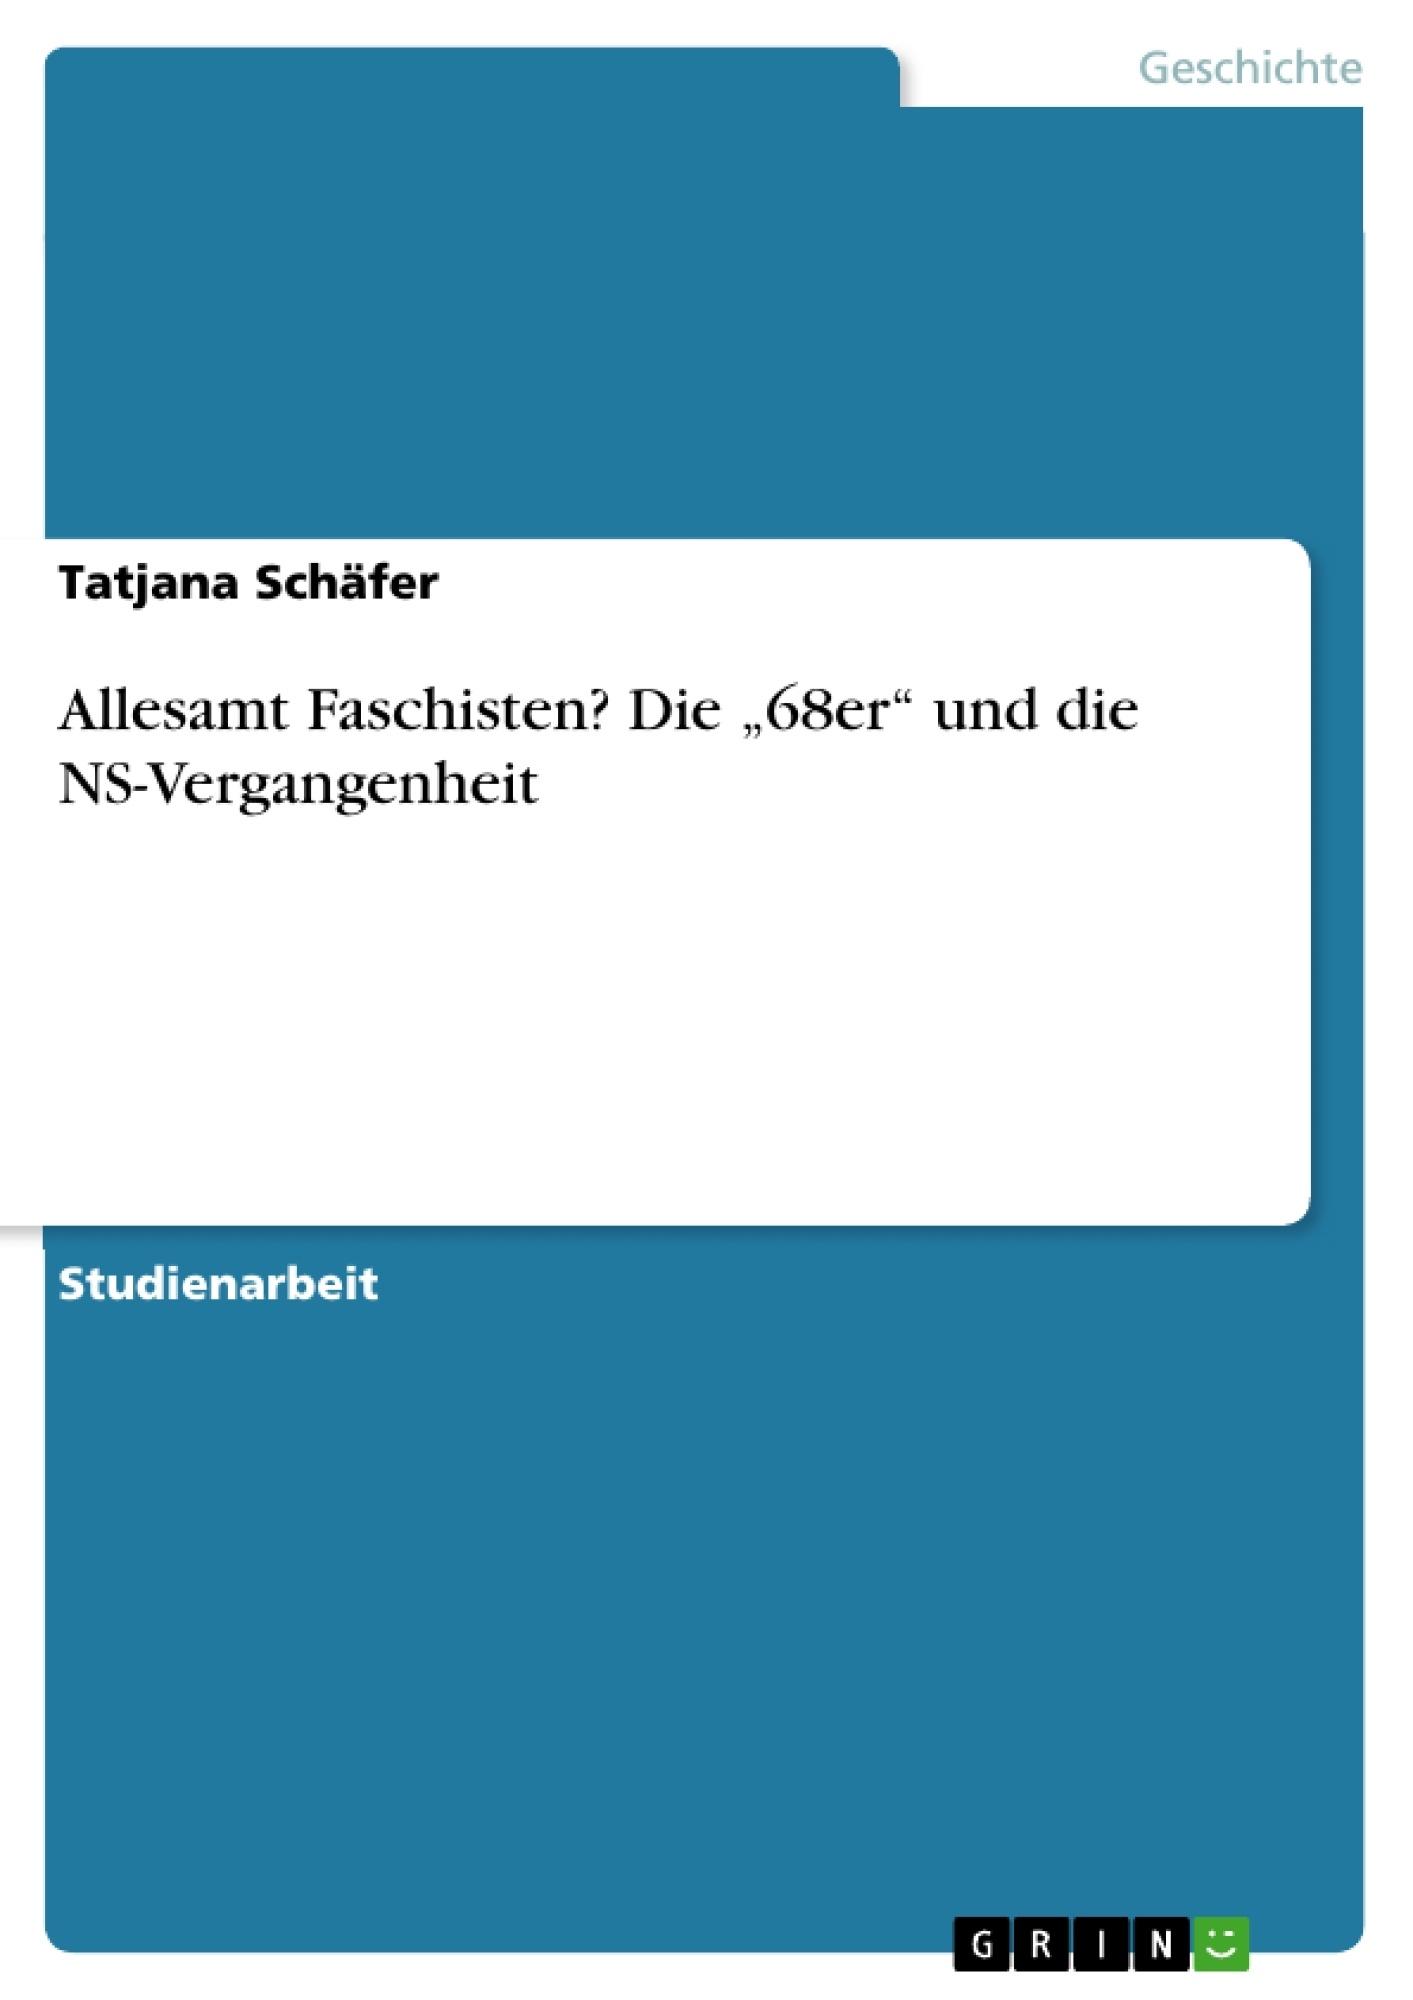 """Titel: Allesamt Faschisten? Die """"68er"""" und die NS-Vergangenheit"""